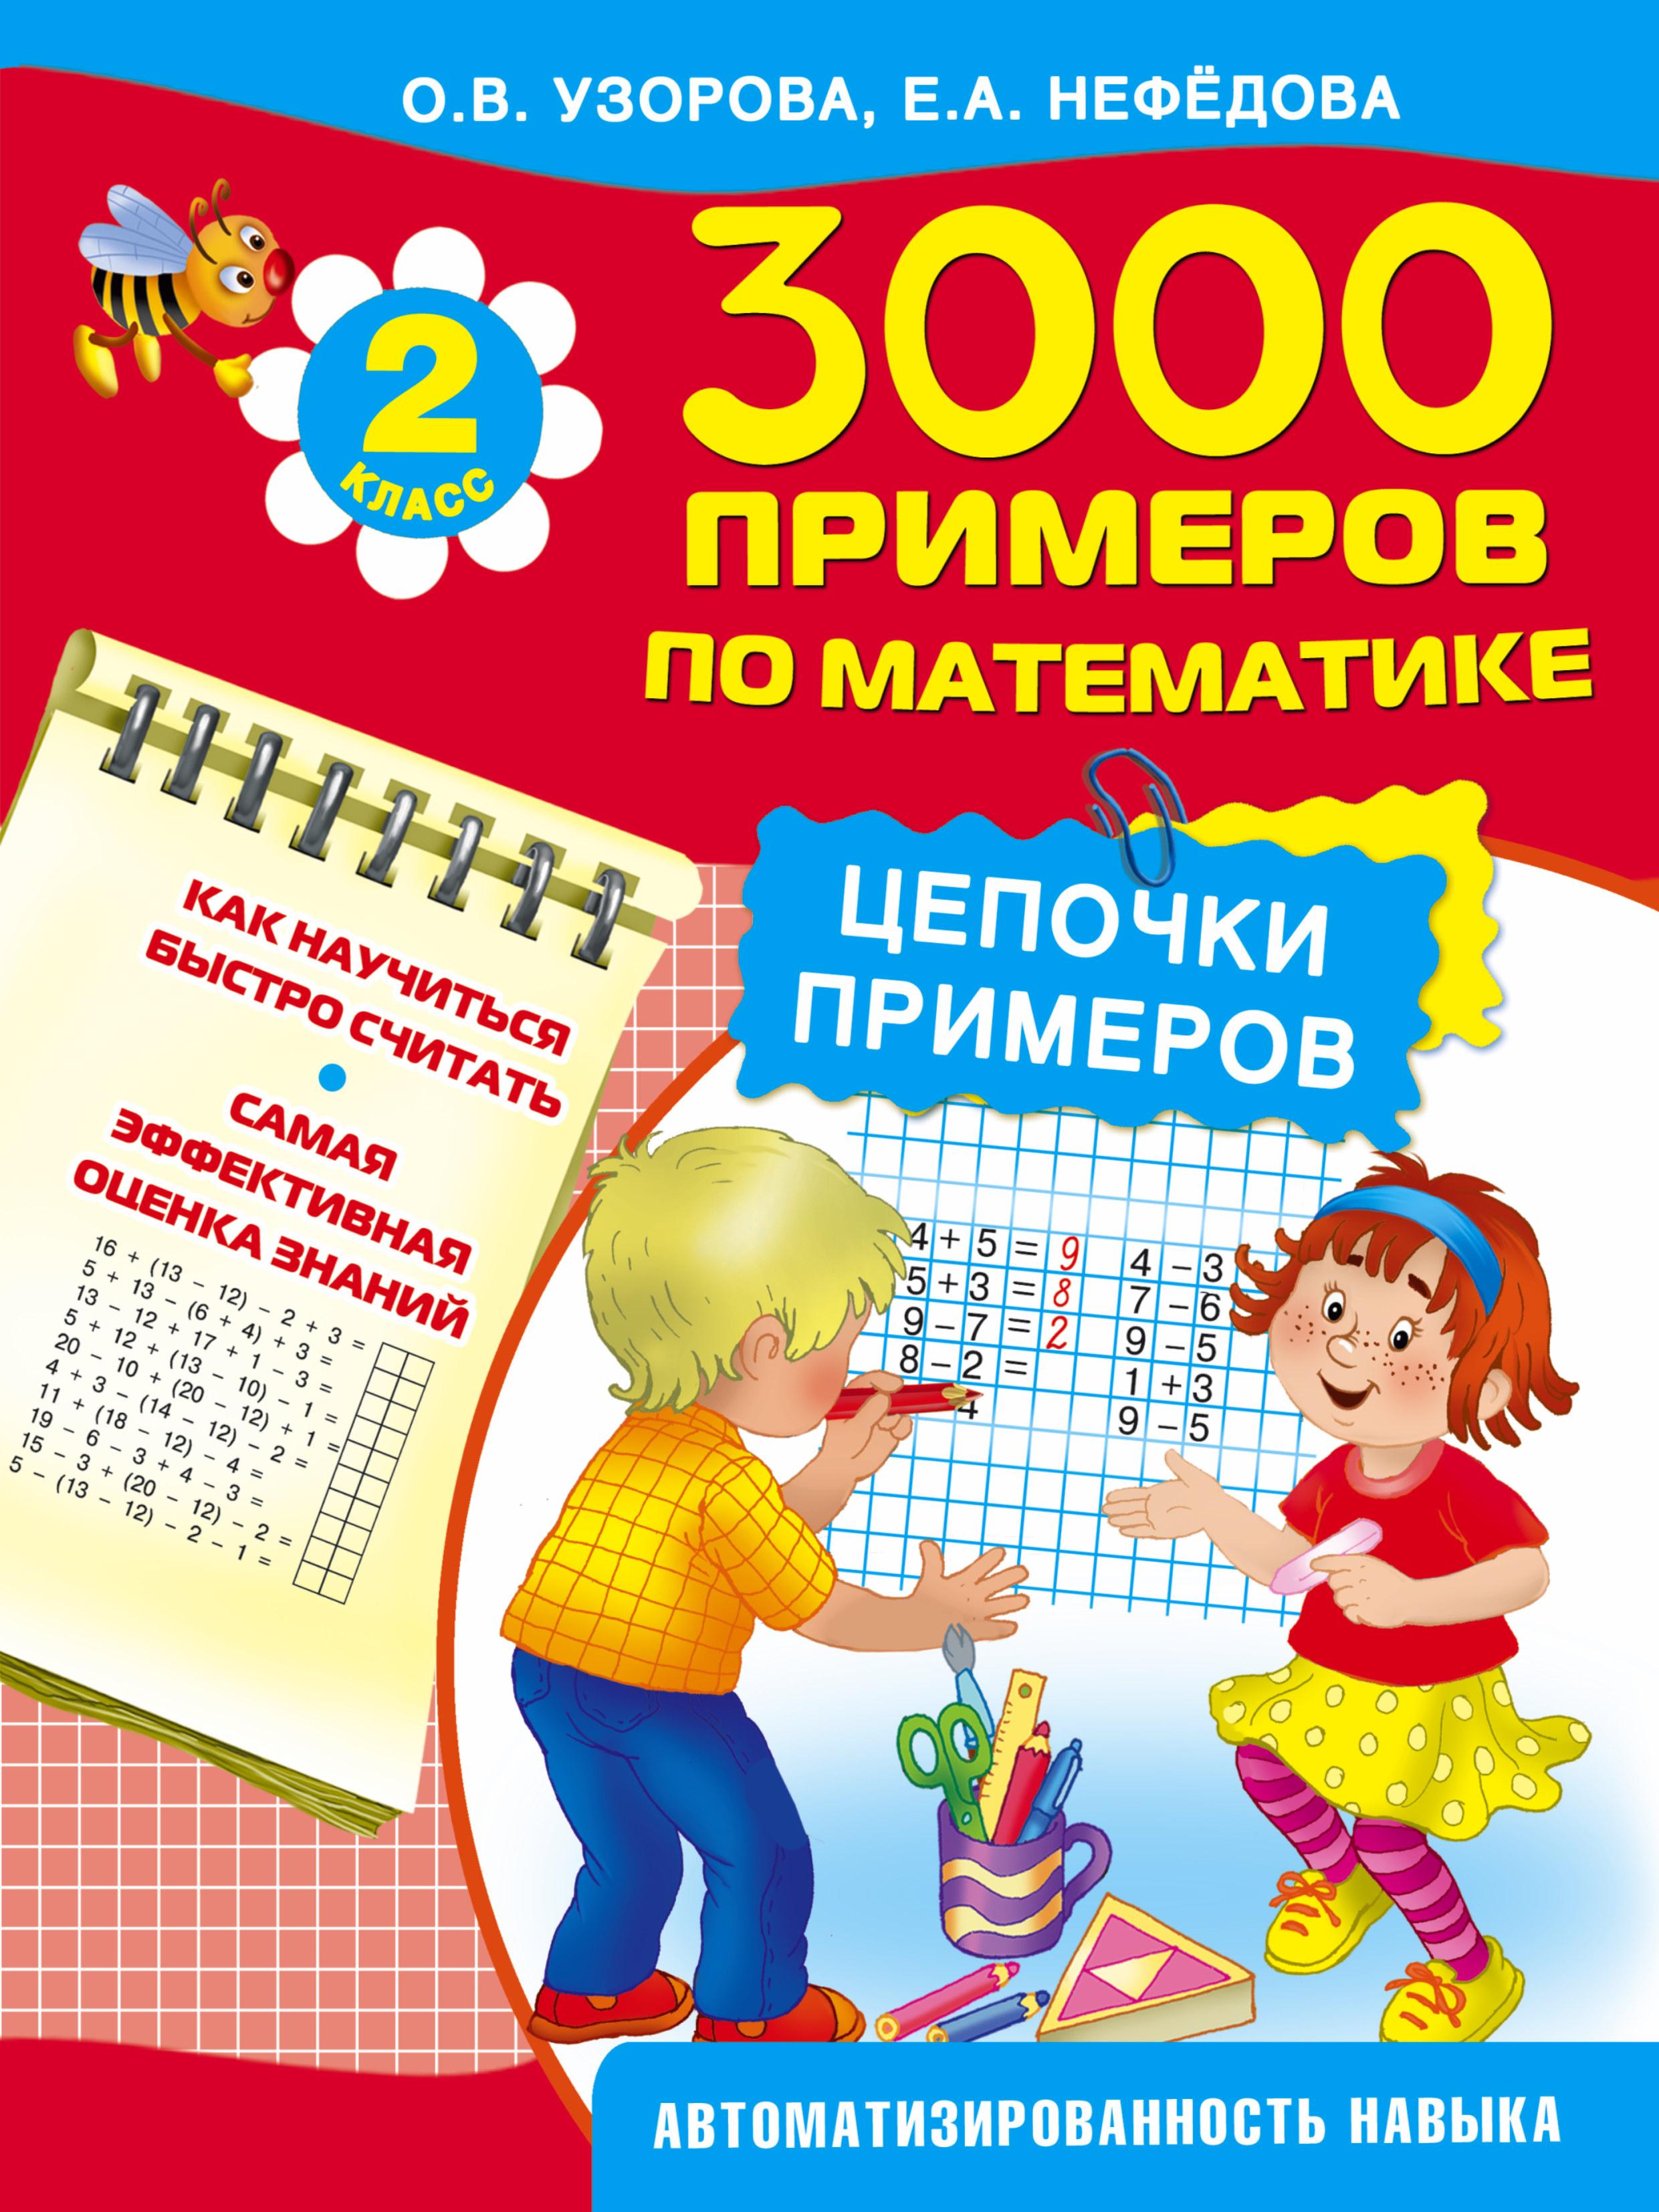 3000 примеров по математике для 2-го класса узорова